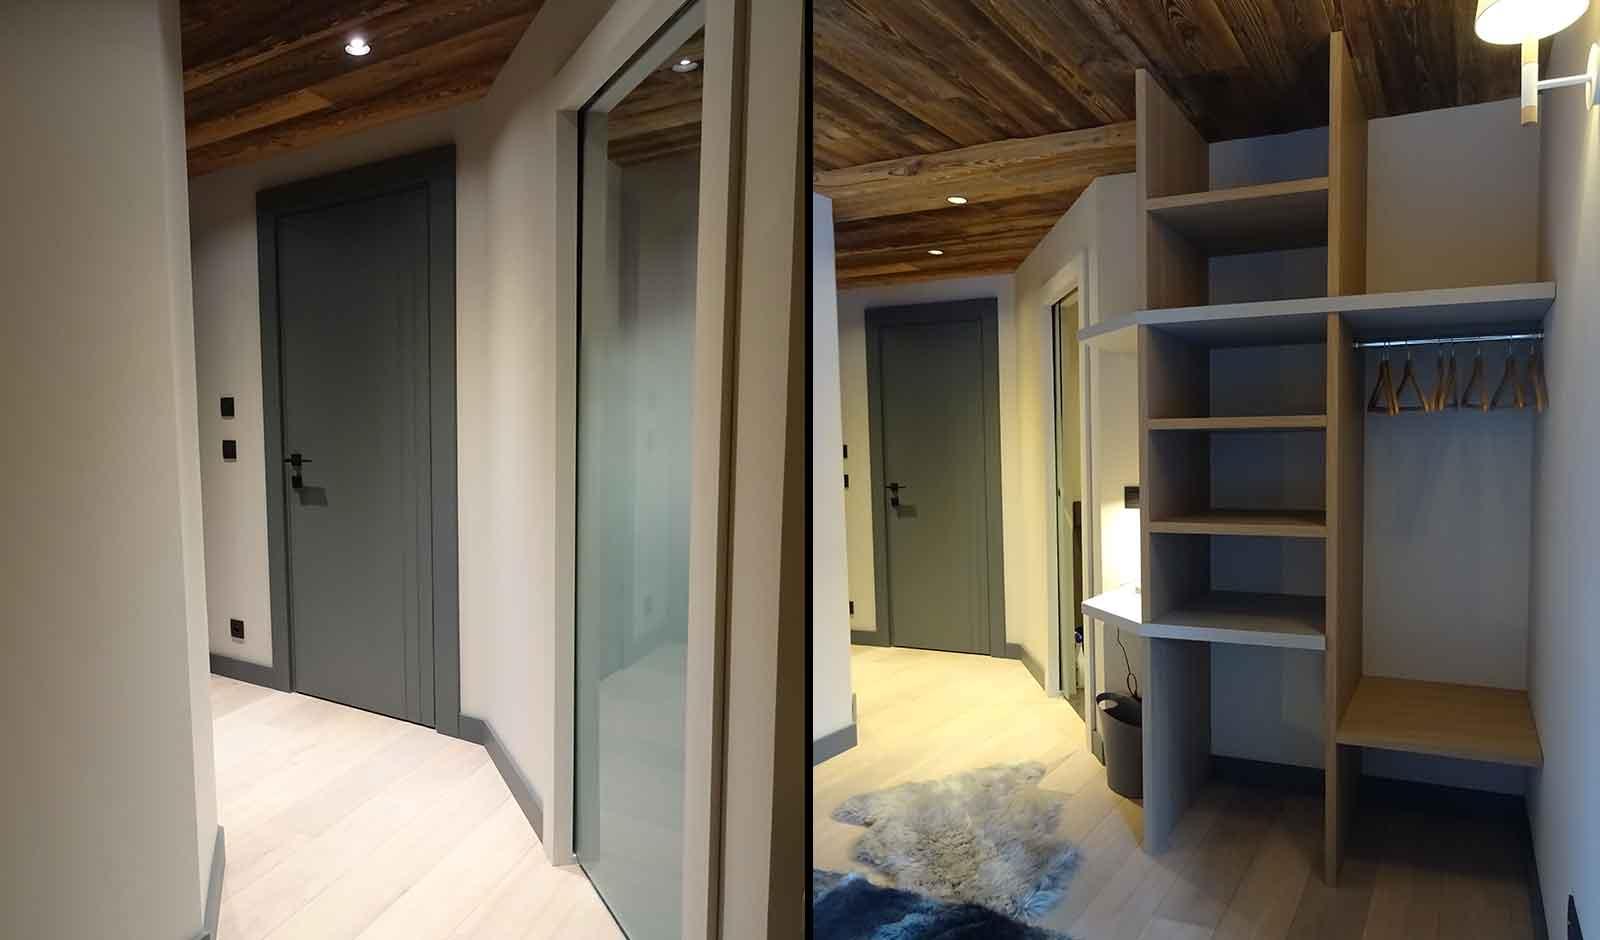 chalet-charlie-8-atelier-crea-and-co-architecte-design-project-manager-meribel-savoie